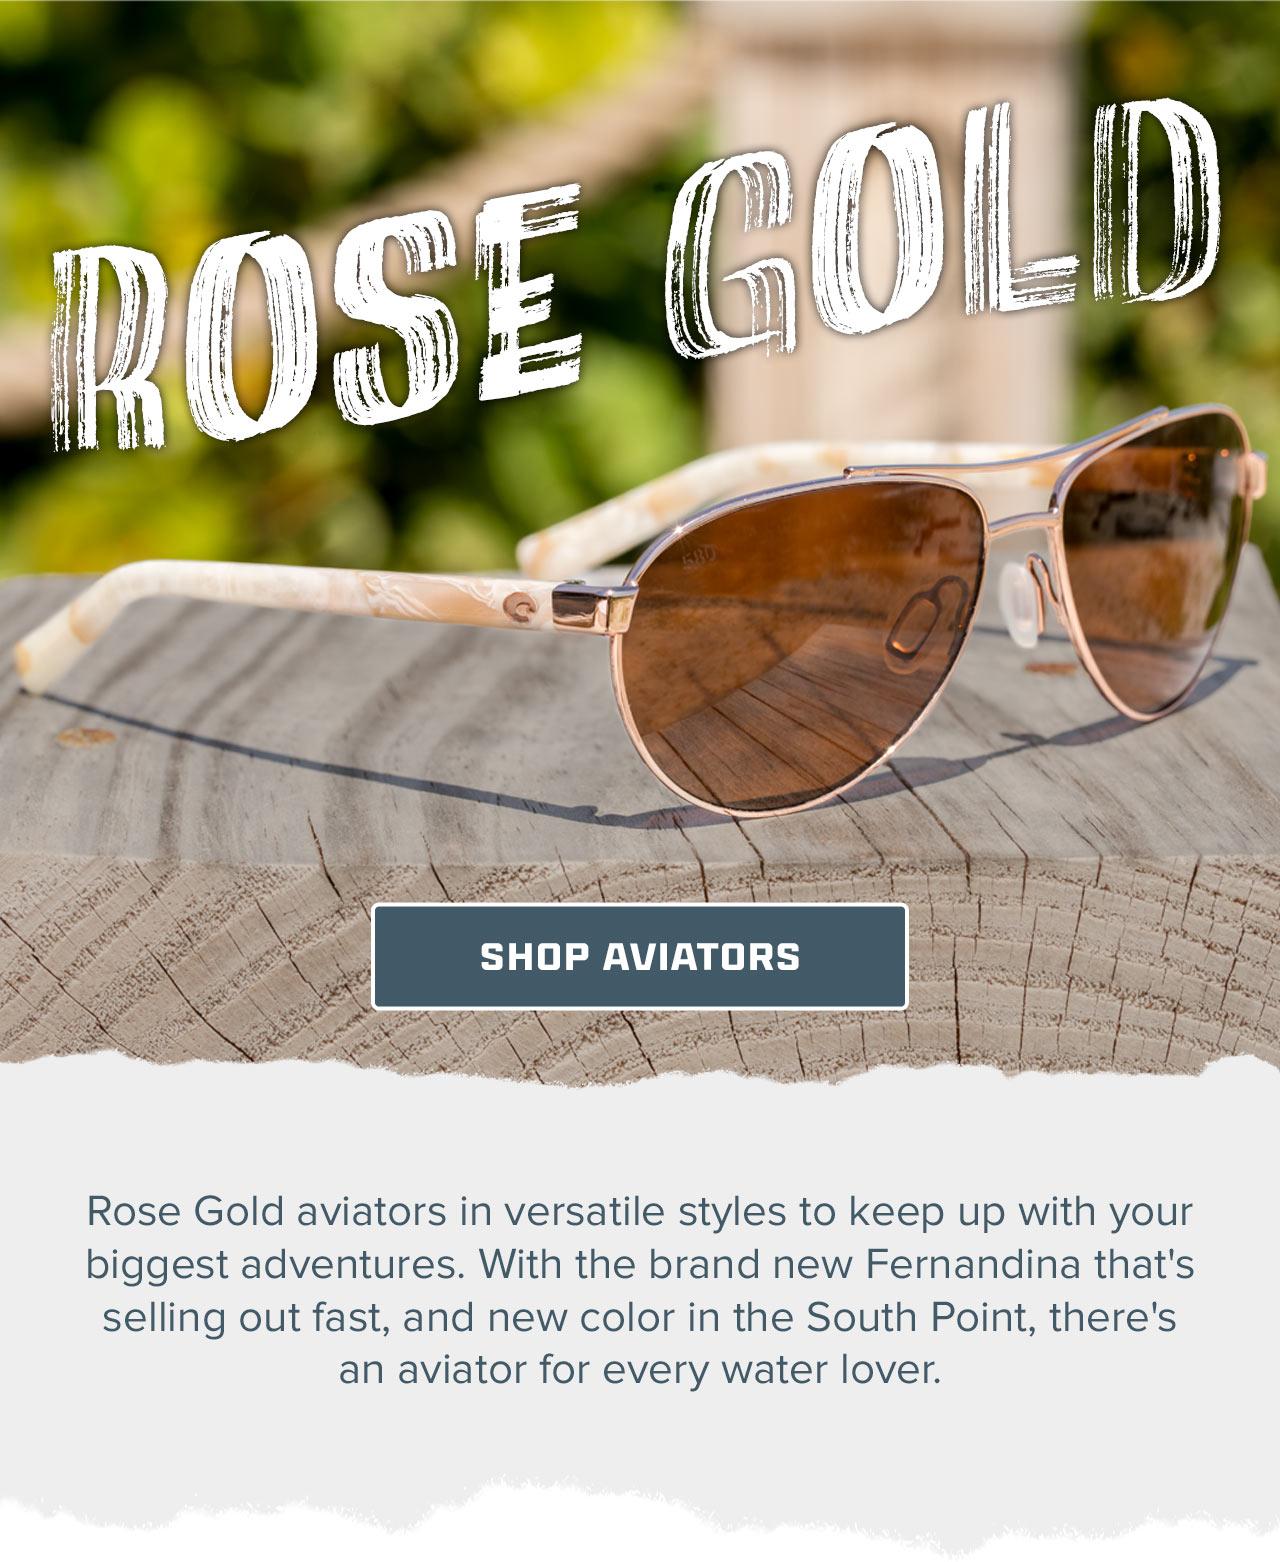 Rose Gold Aviators